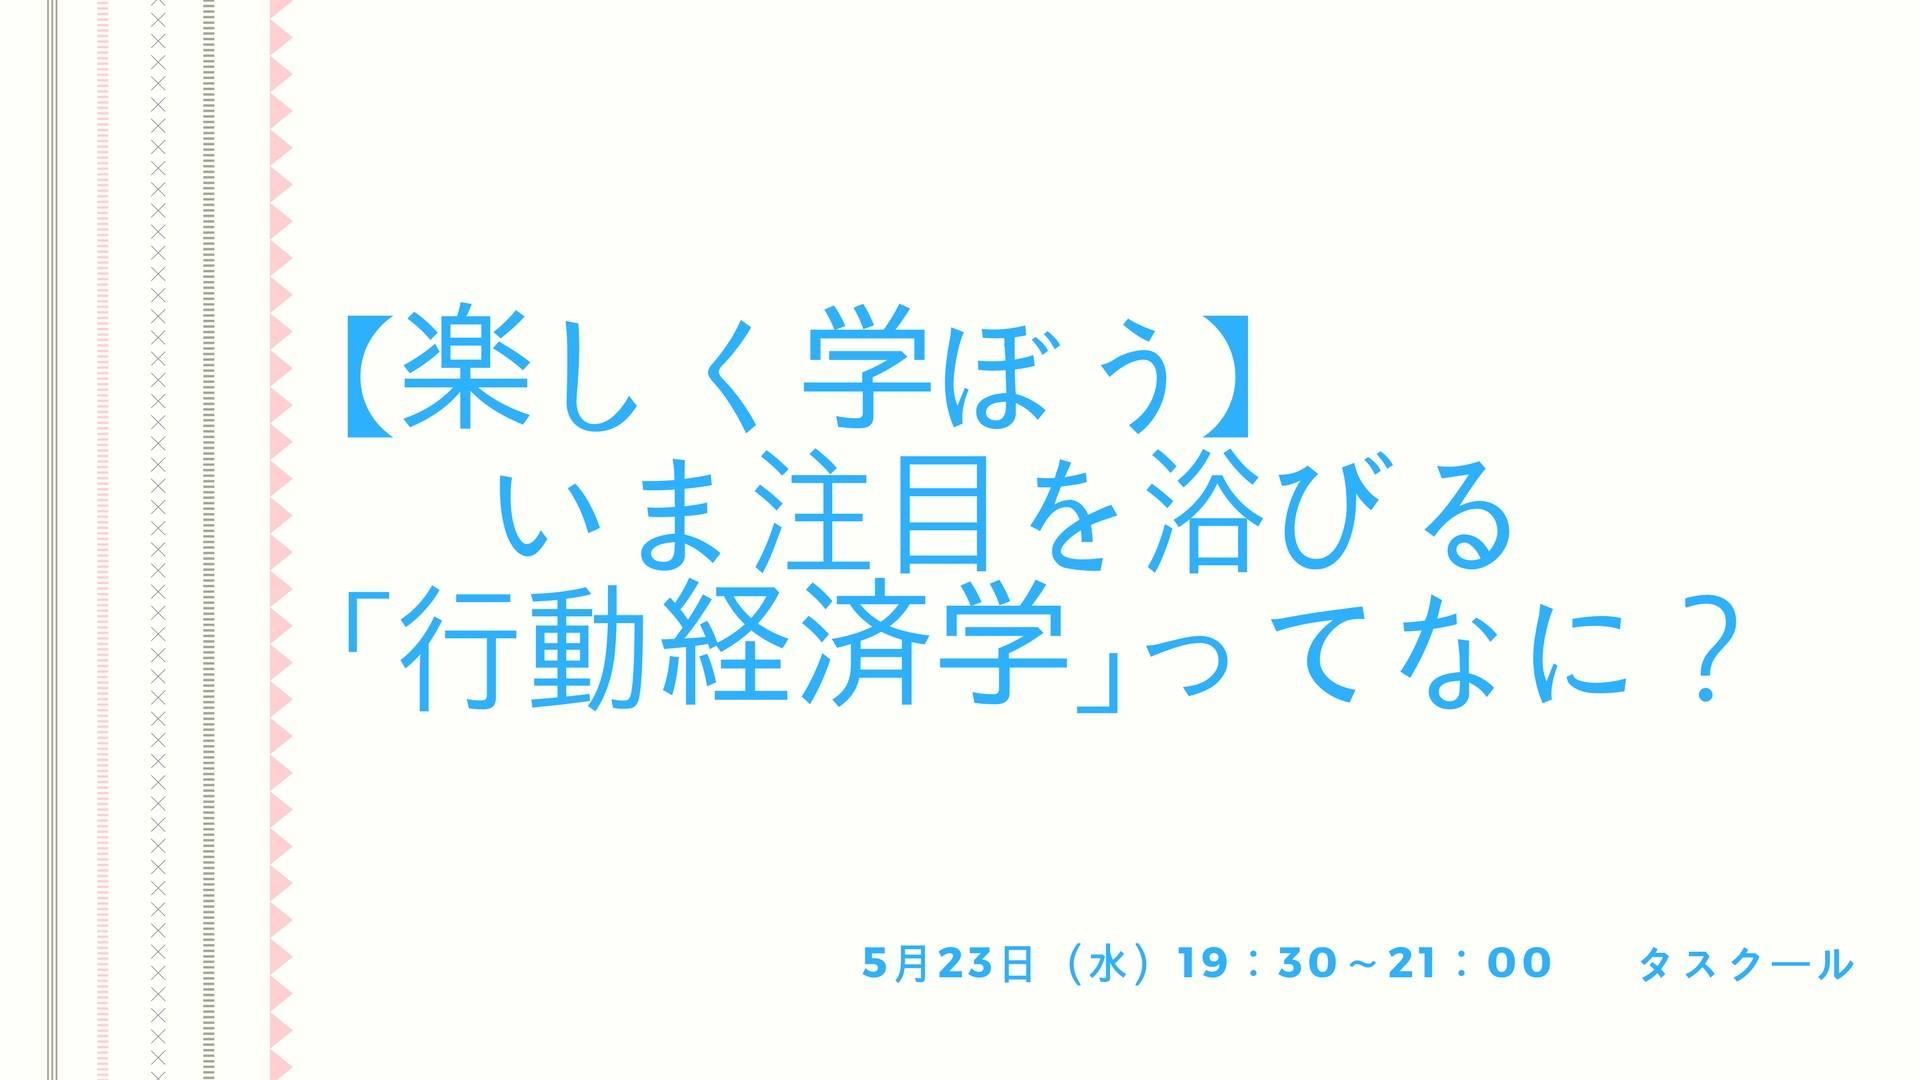 5/23【楽しく学ぼう】いま注目を浴びる「行動経済学」って何?